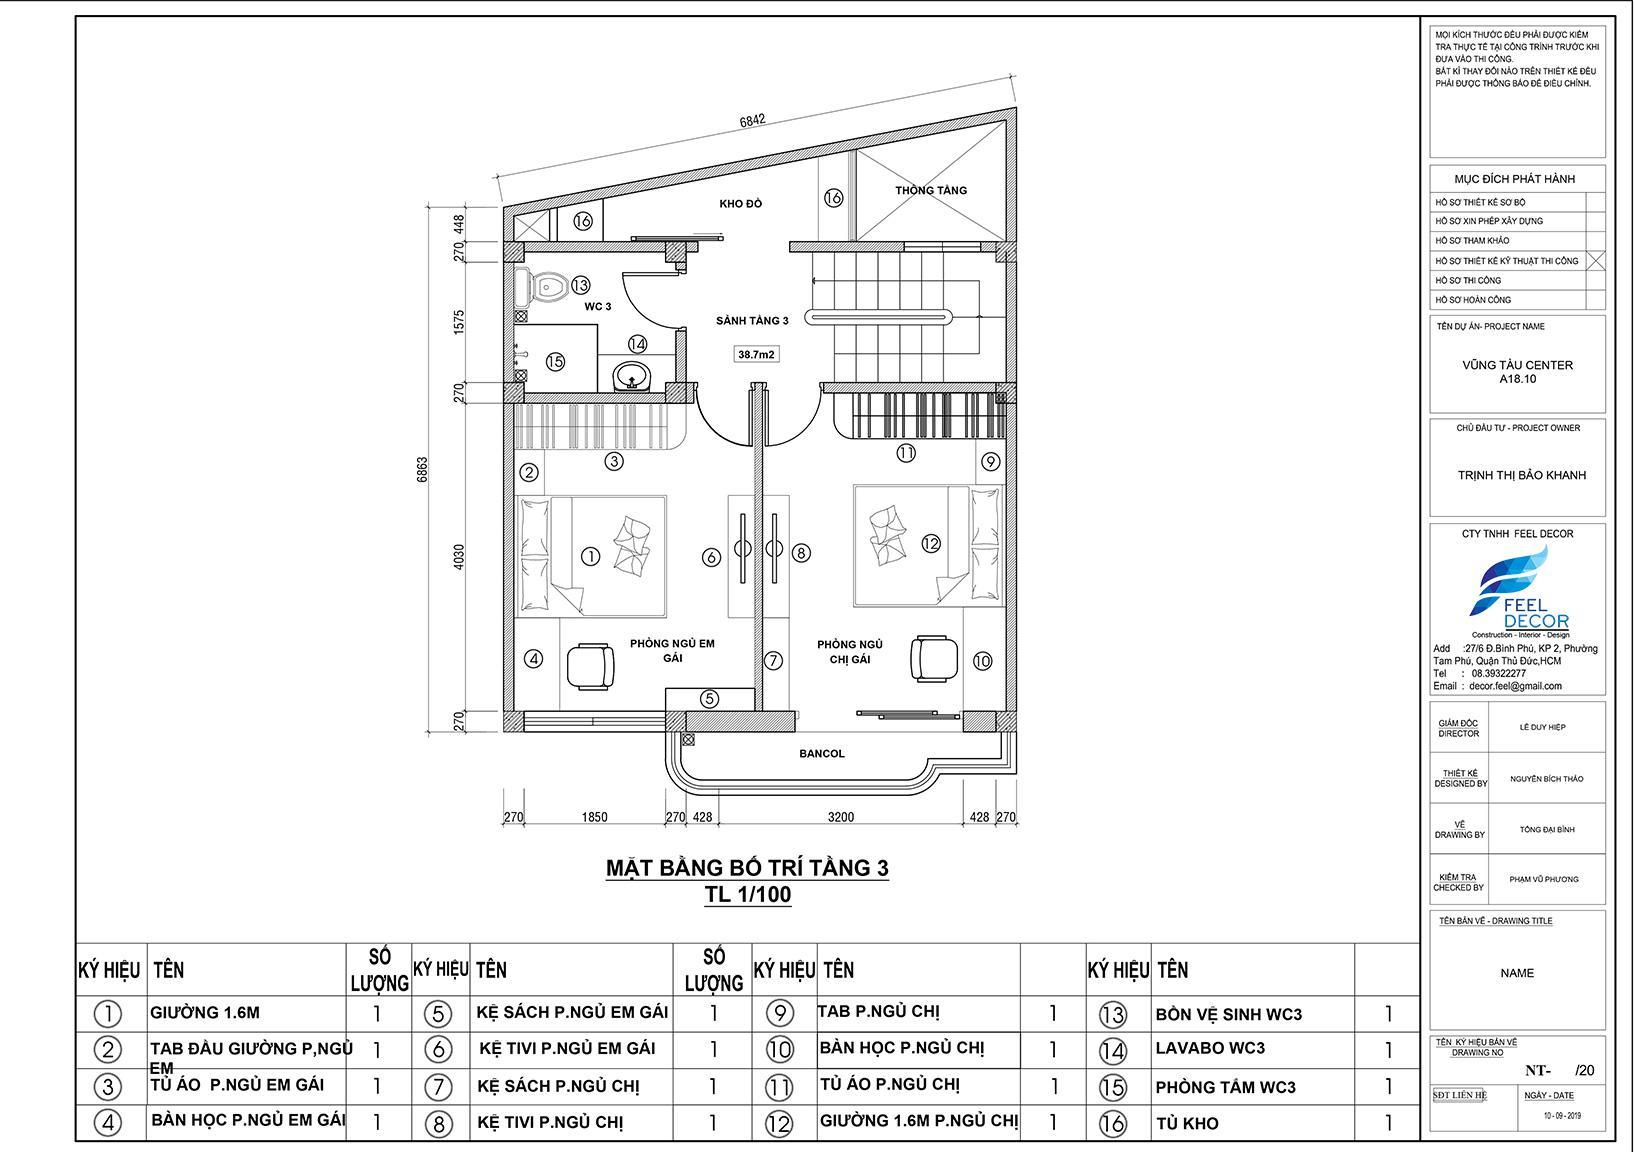 Hình ảnh 3D nội thất nhà phố Tân Bình